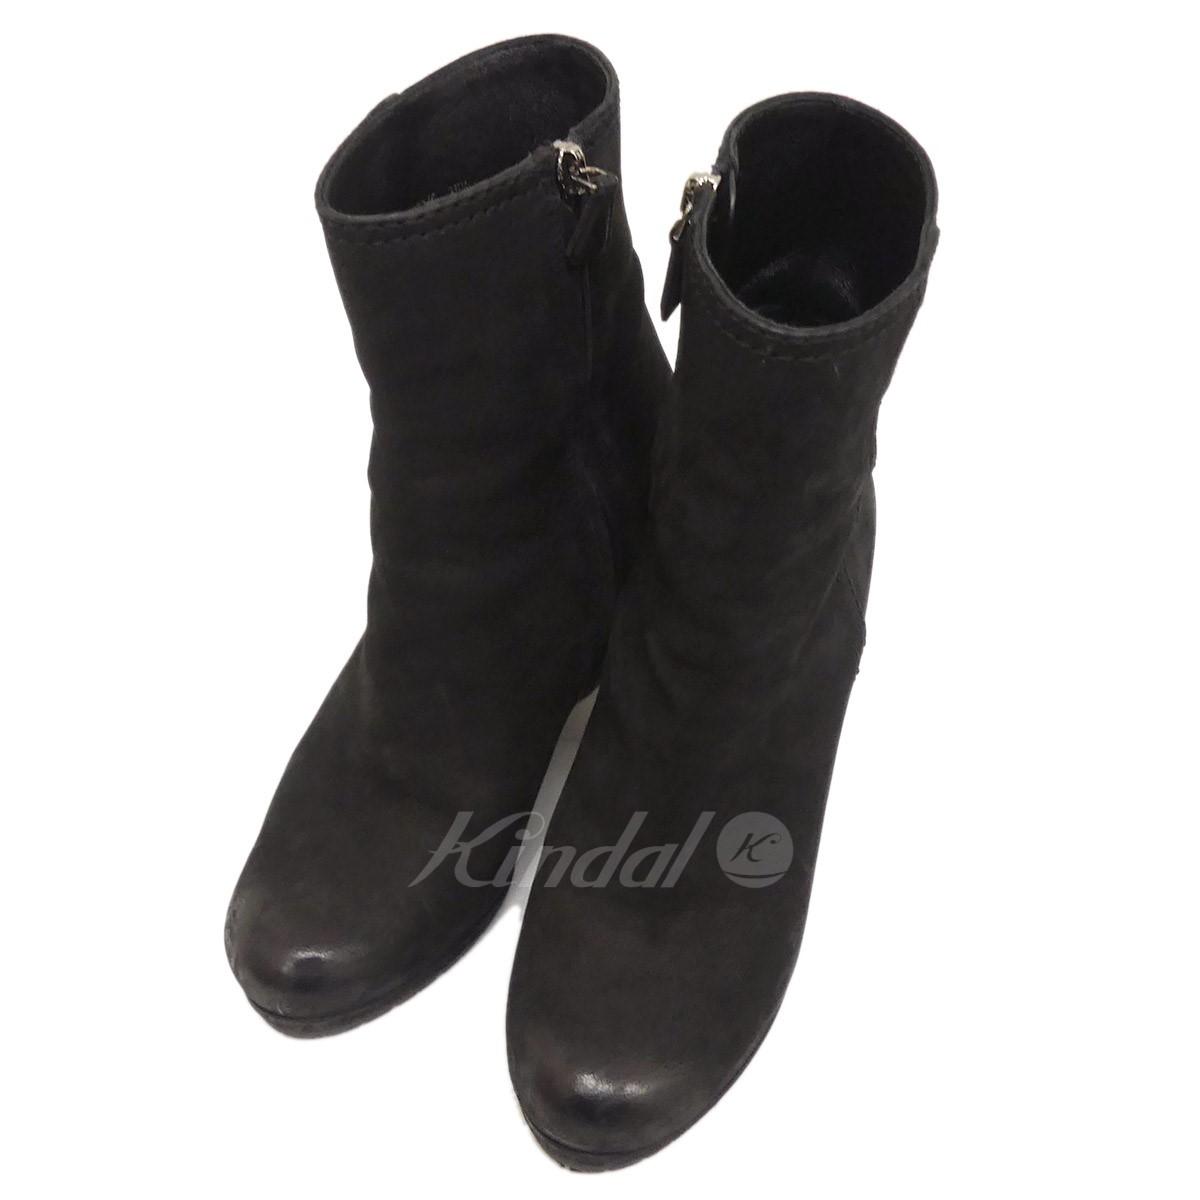 【中古】PRADA ウェッジソールブーツ ブラック サイズ:35 1/2 【送料無料】 【050918】(プラダ)